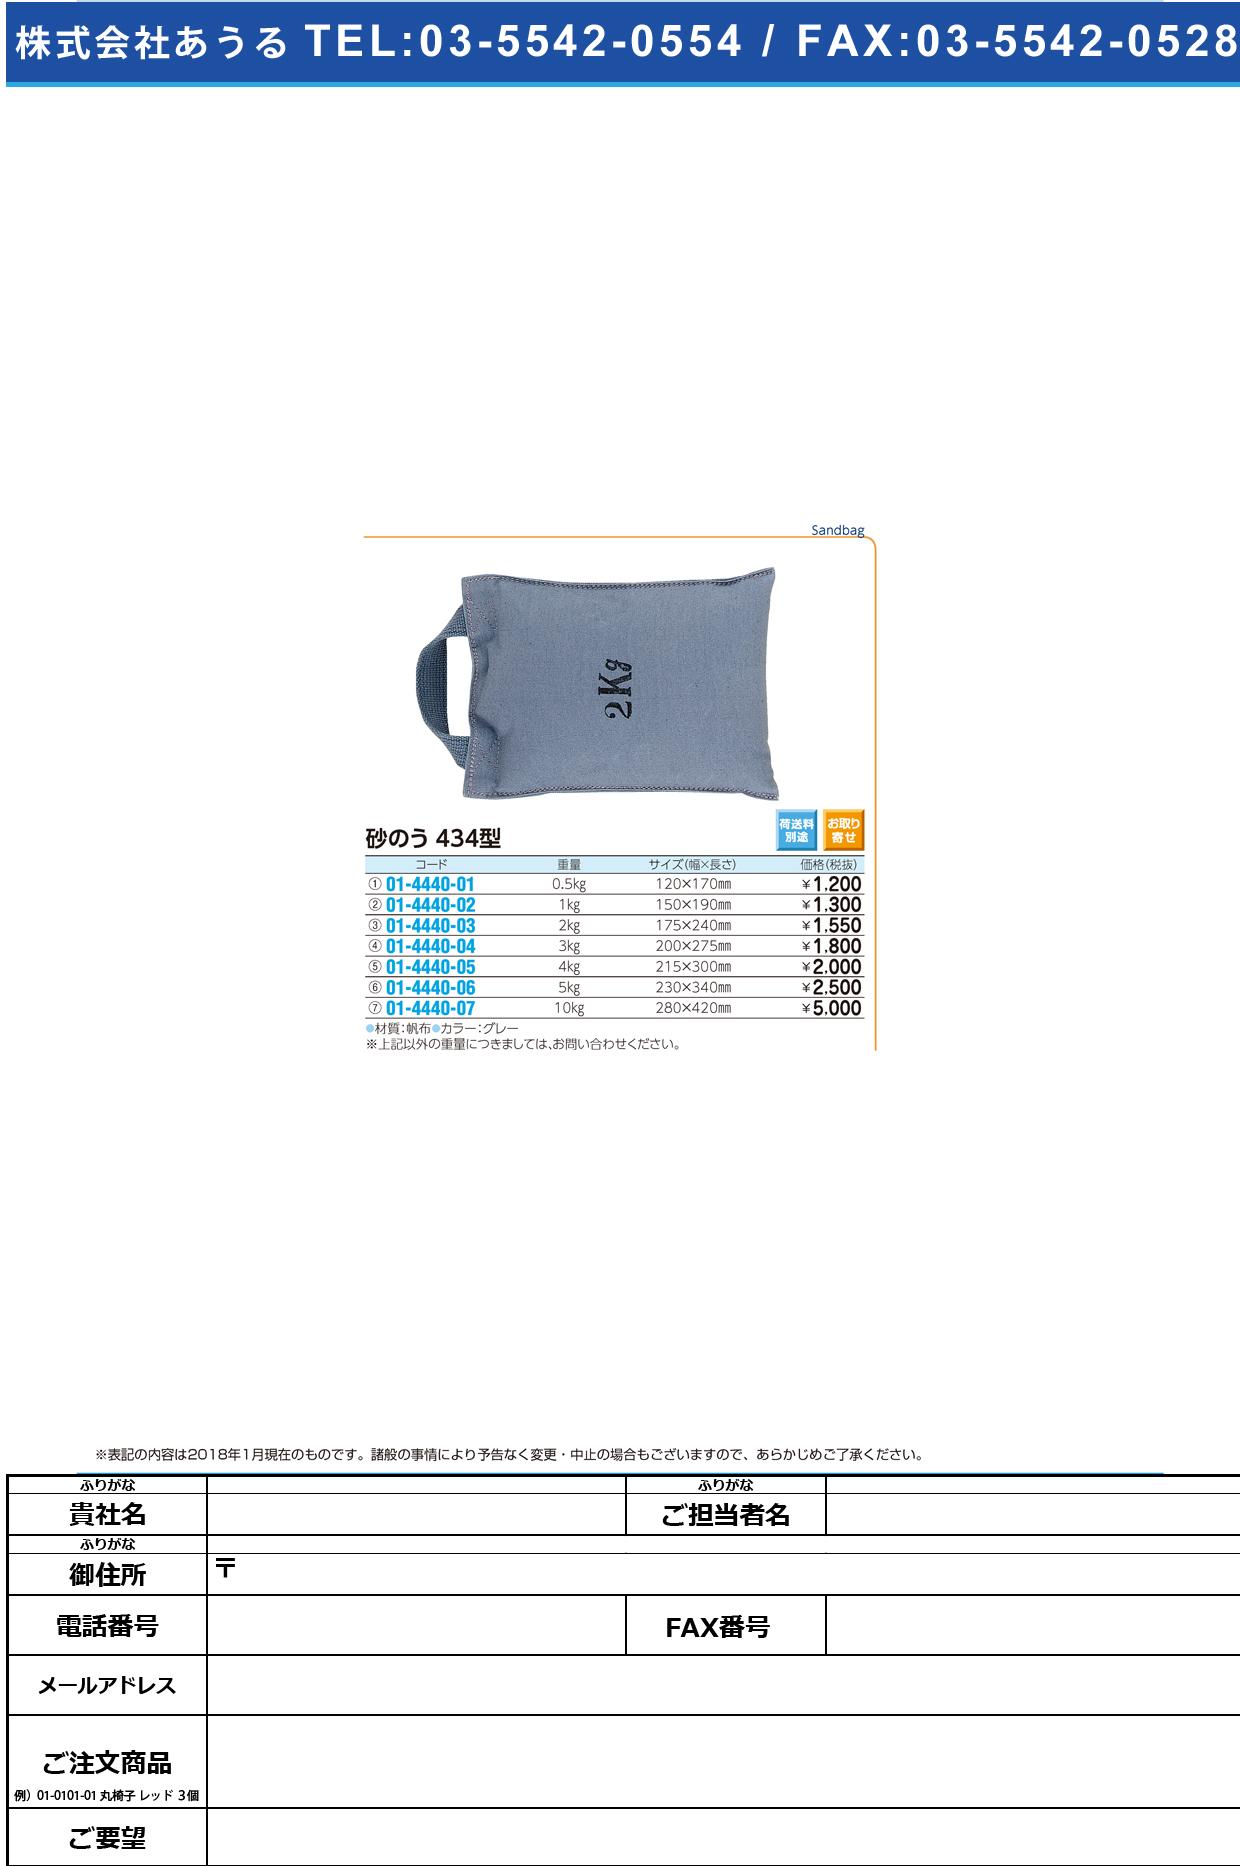 (01-4440-01)砂のう434型(把手付牽引用) 0.5KG サノウ【1個単位】【2019年カタログ商品】